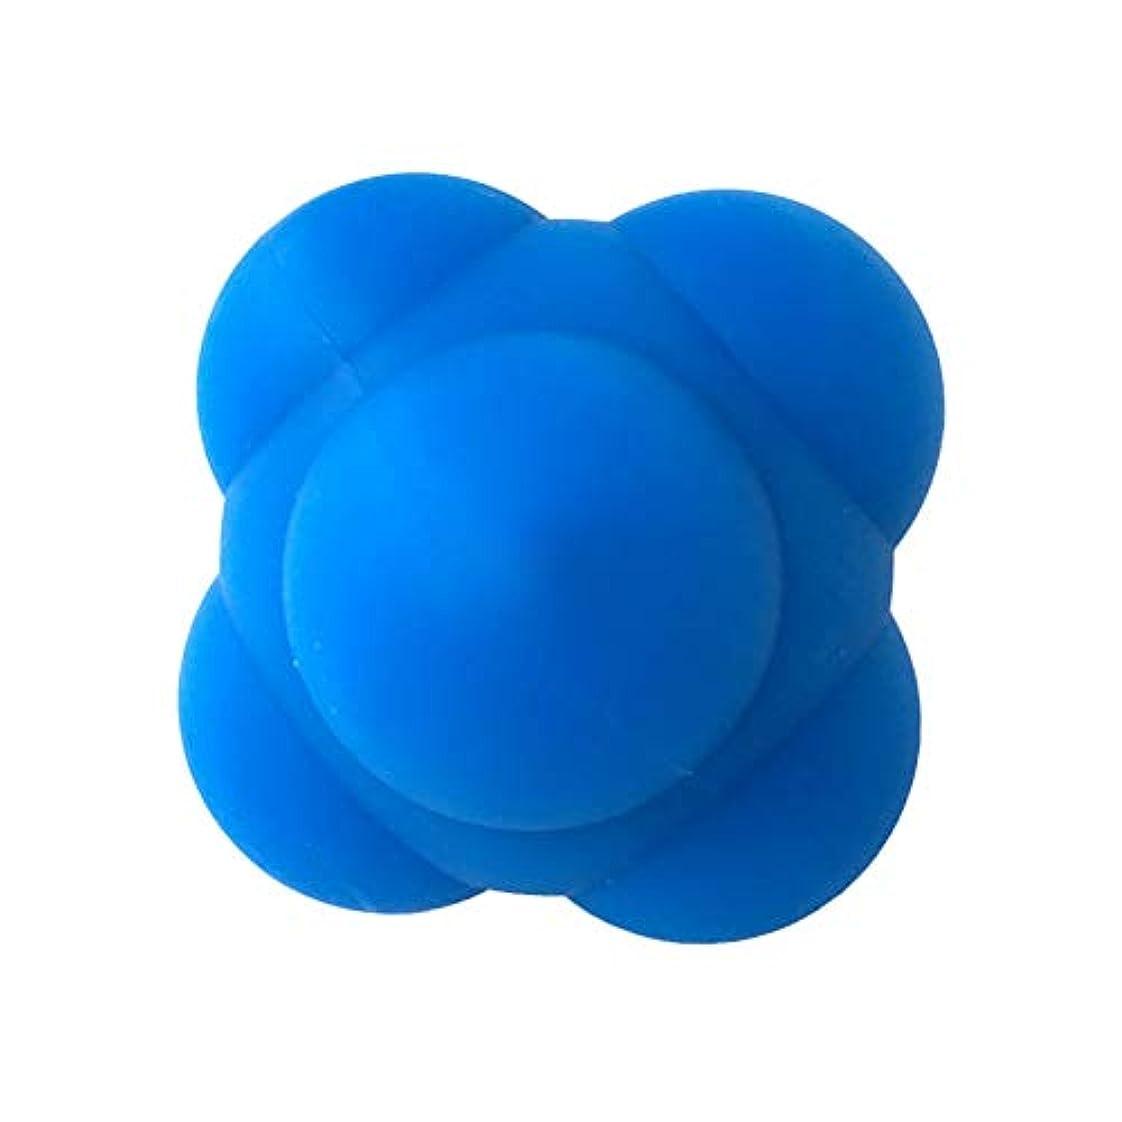 自動化優先権トンHealifty 体の管理ボールスポーツシリコン六角形のボールソリッドフィットネストレーニングエクササイズリアクションボール素早さと敏捷性トレーニングボール6cm(青)